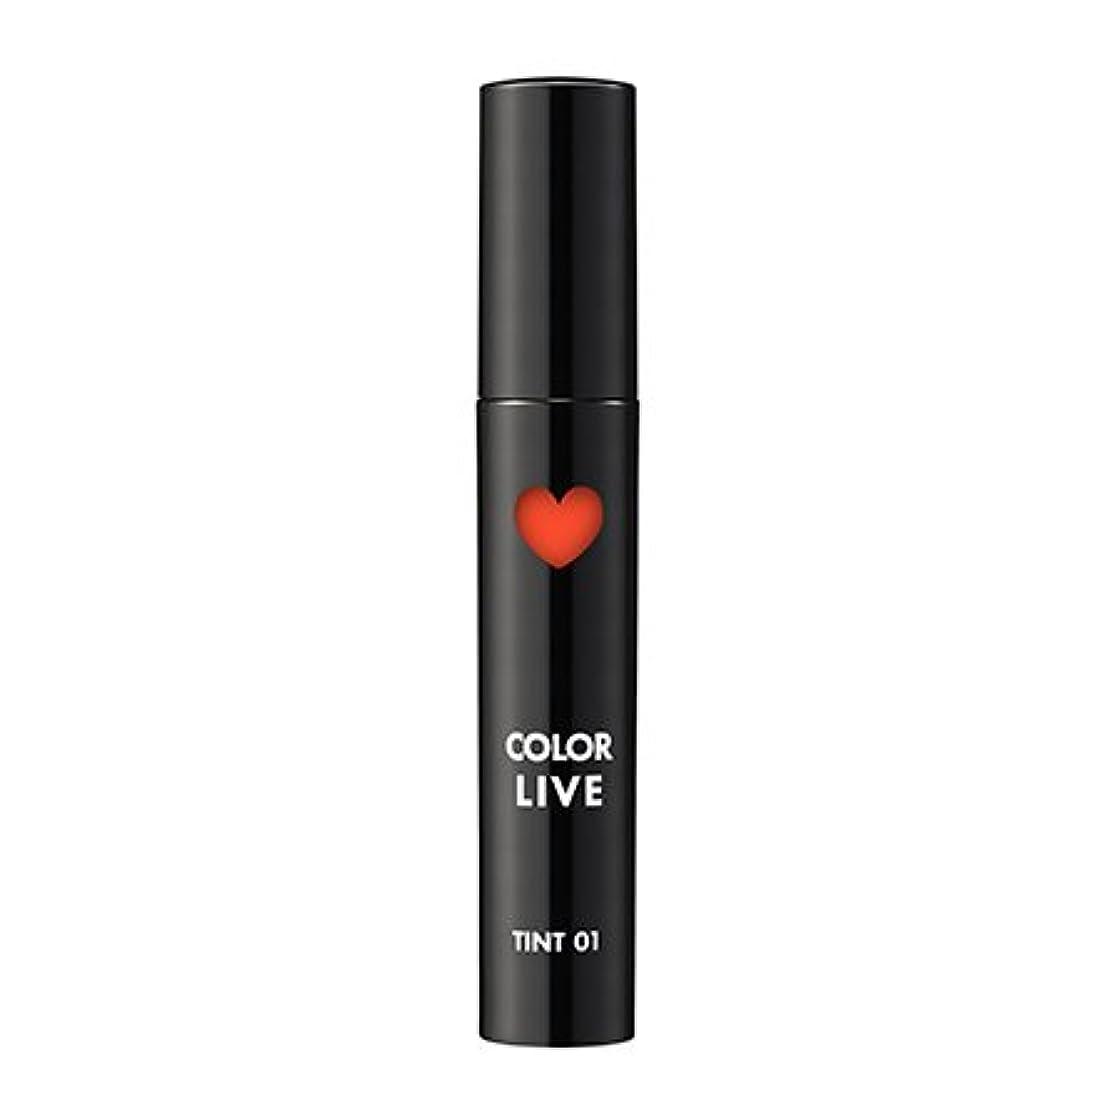 戻る安全性うそつきARITAUM Color Live Tint アリタウム カラーライブティント (#09 Coral Tower) [並行輸入品]